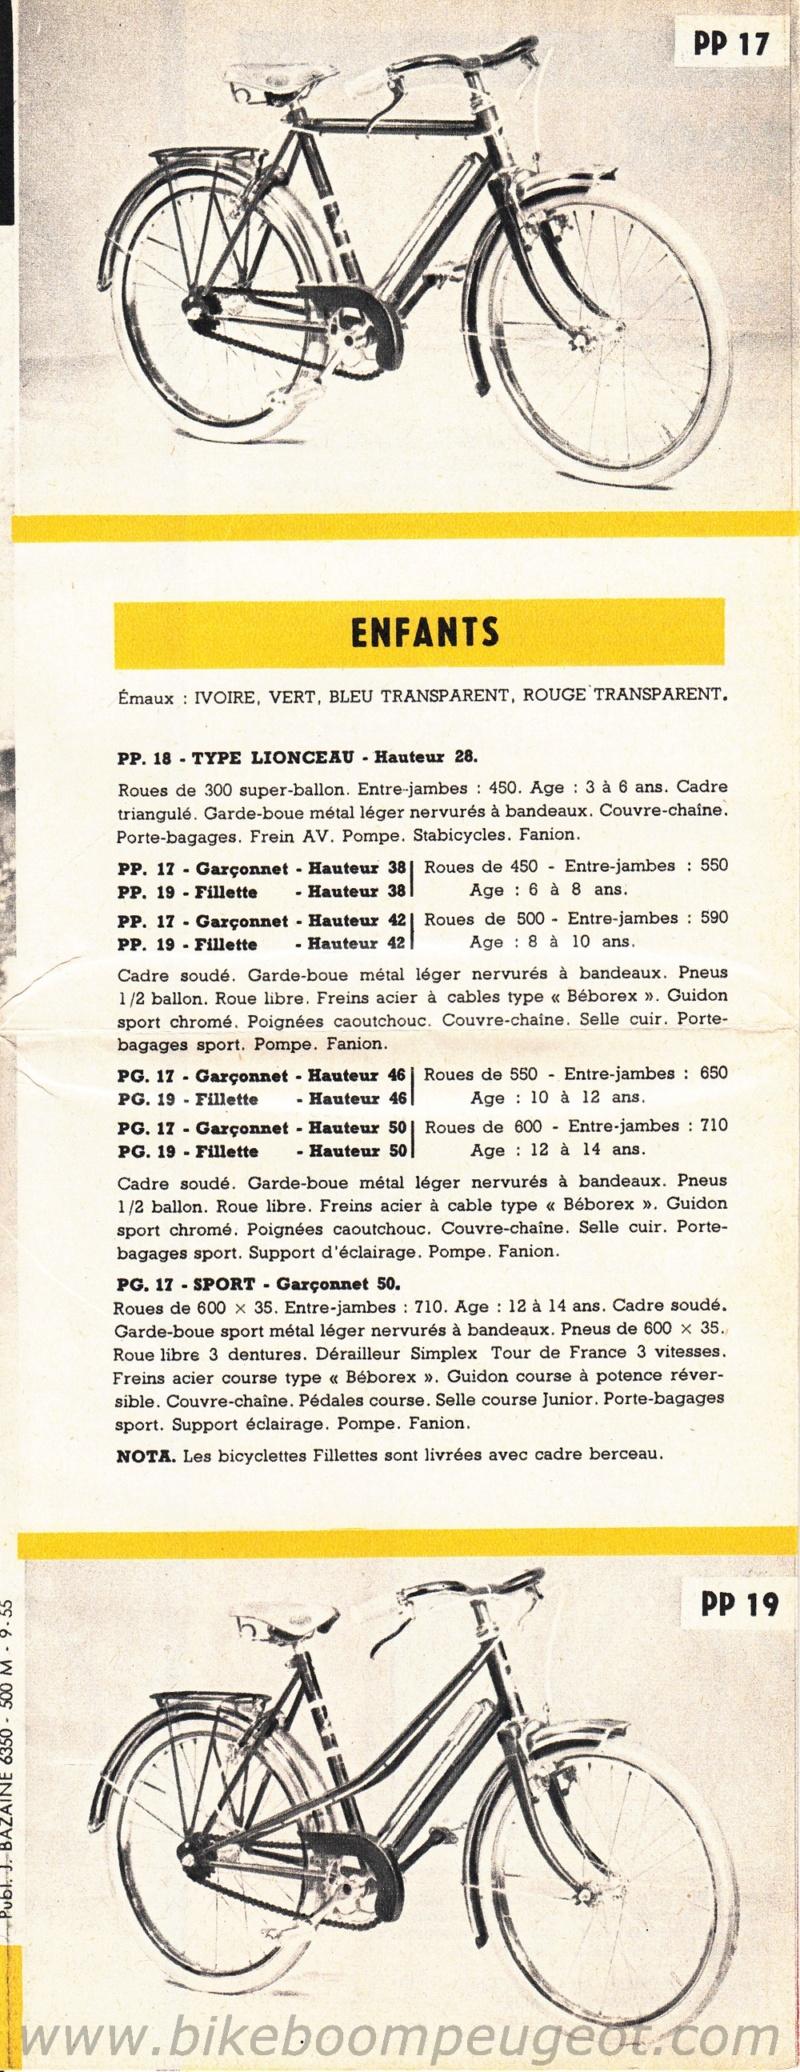 peugeot enfant années 50  195610